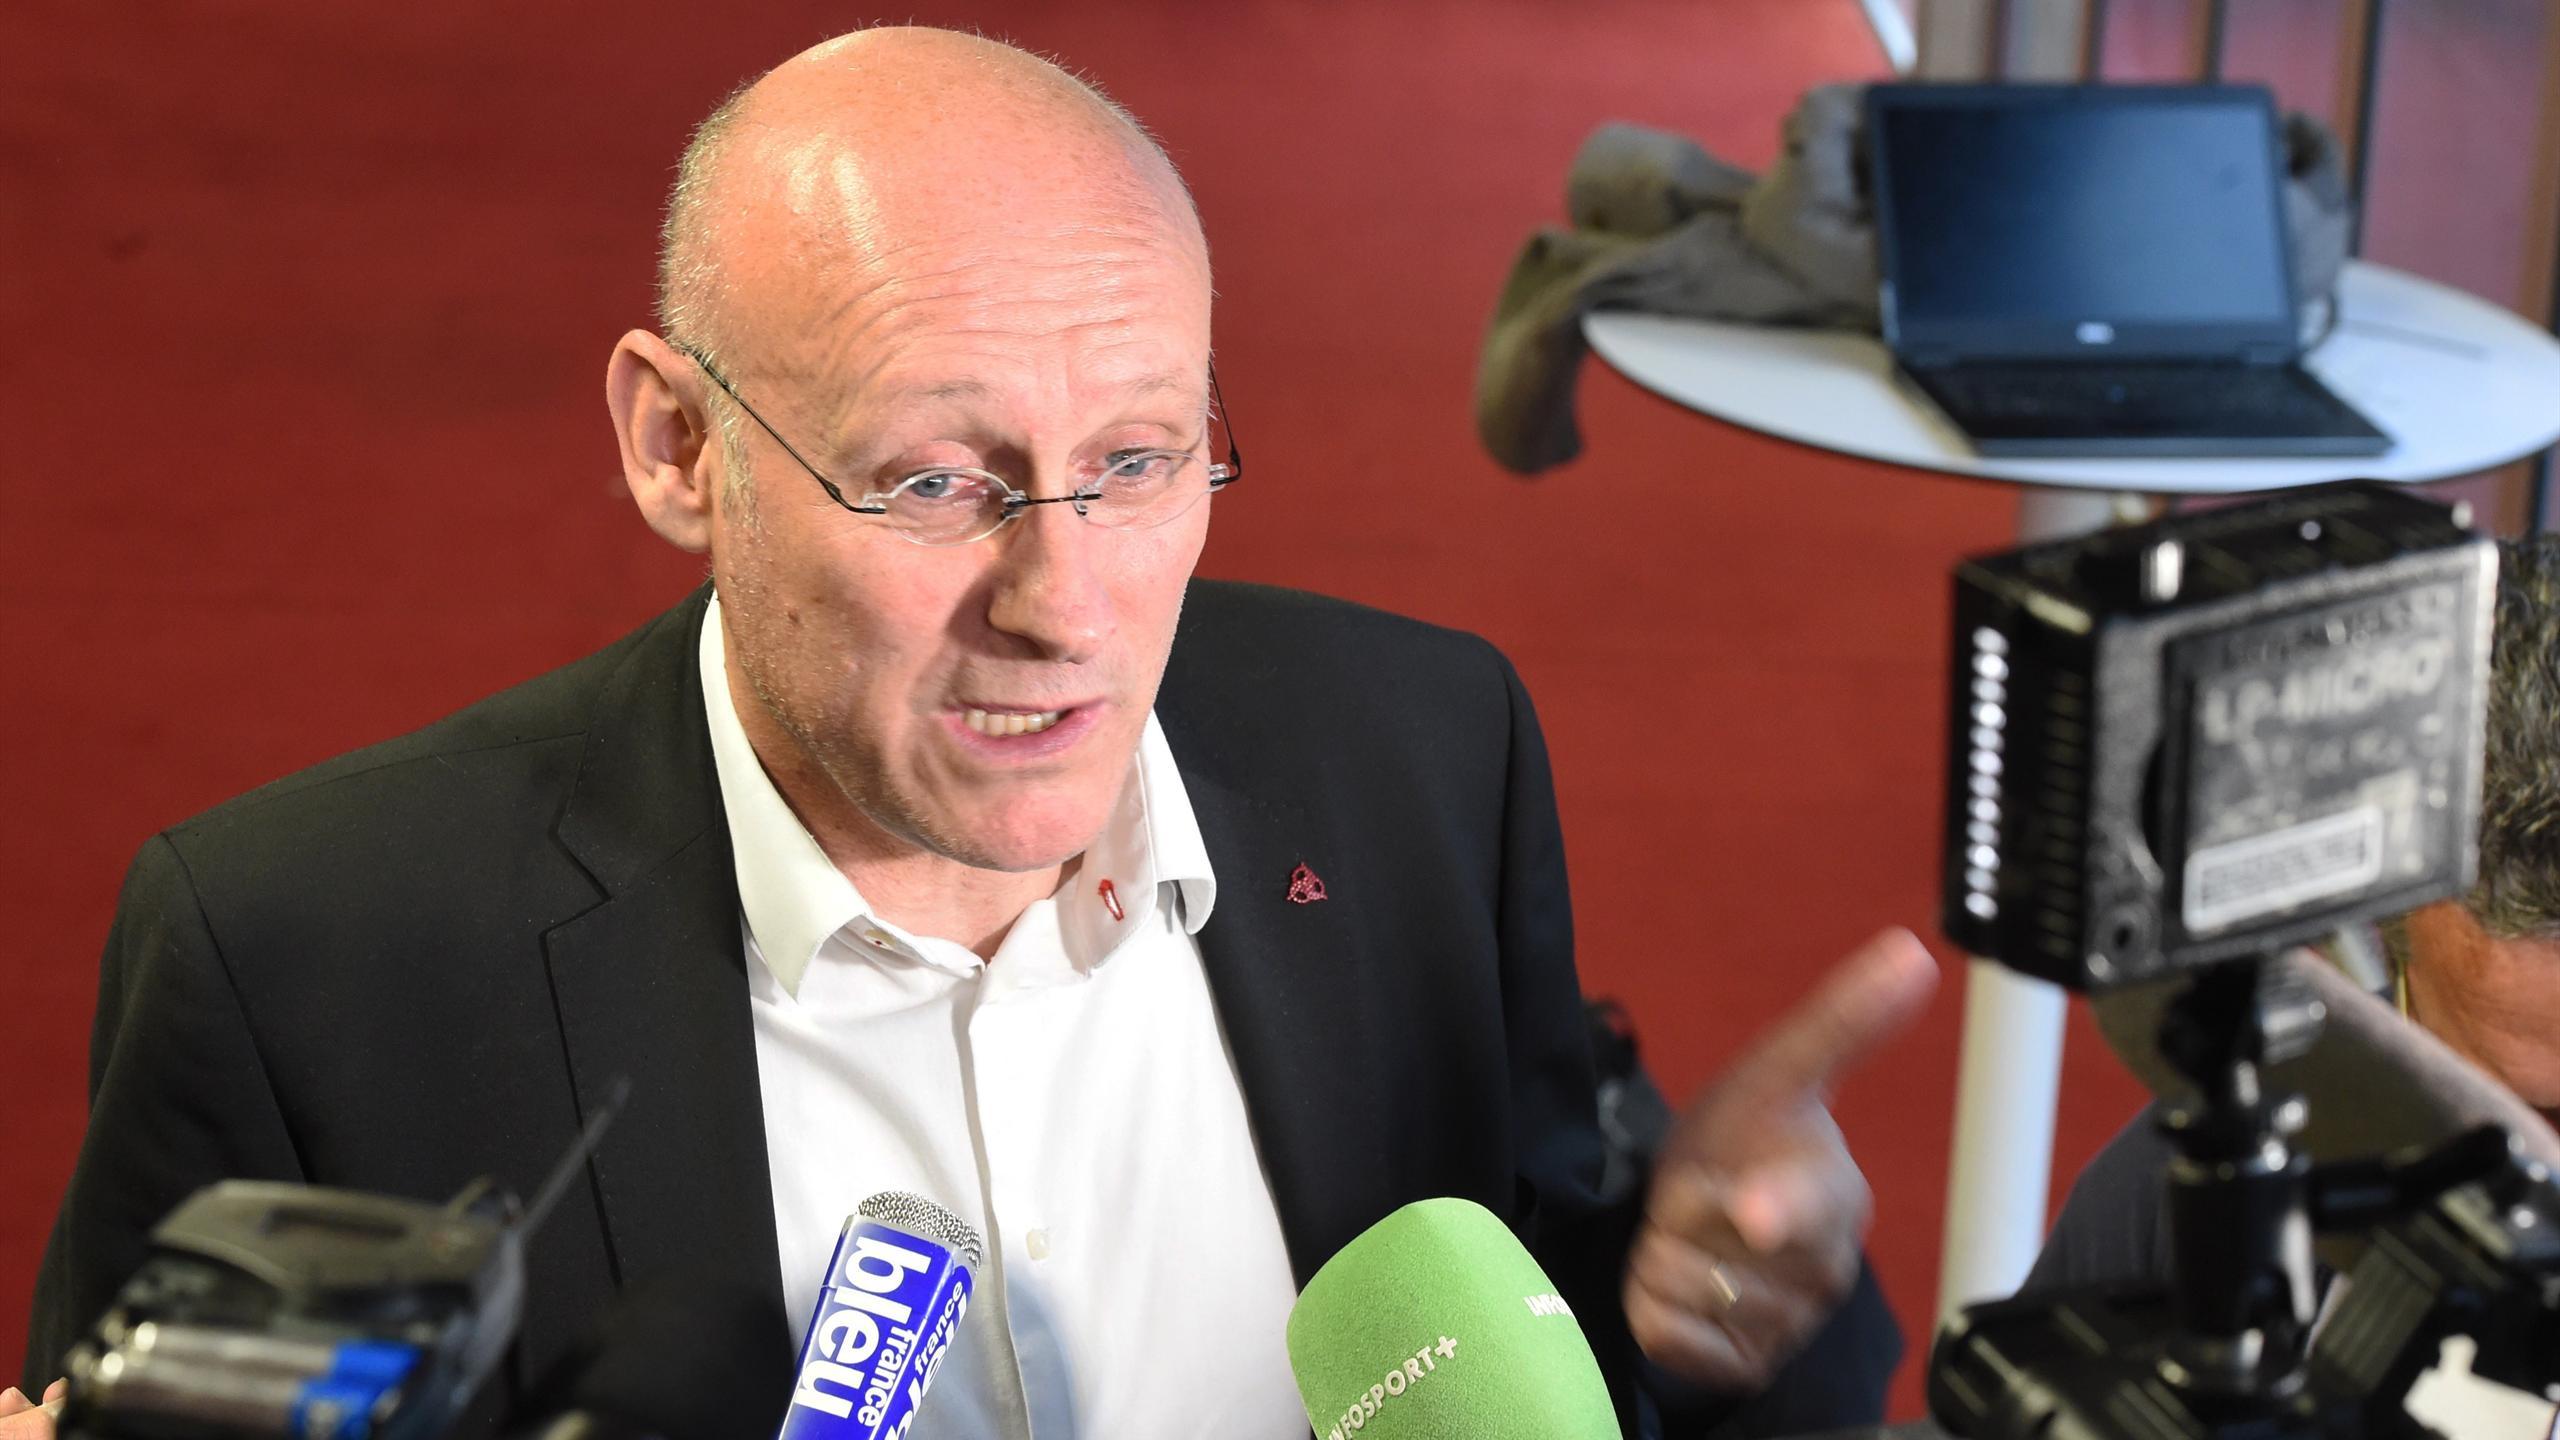 Bernard Laporte, candidat à la présidence de la FFR